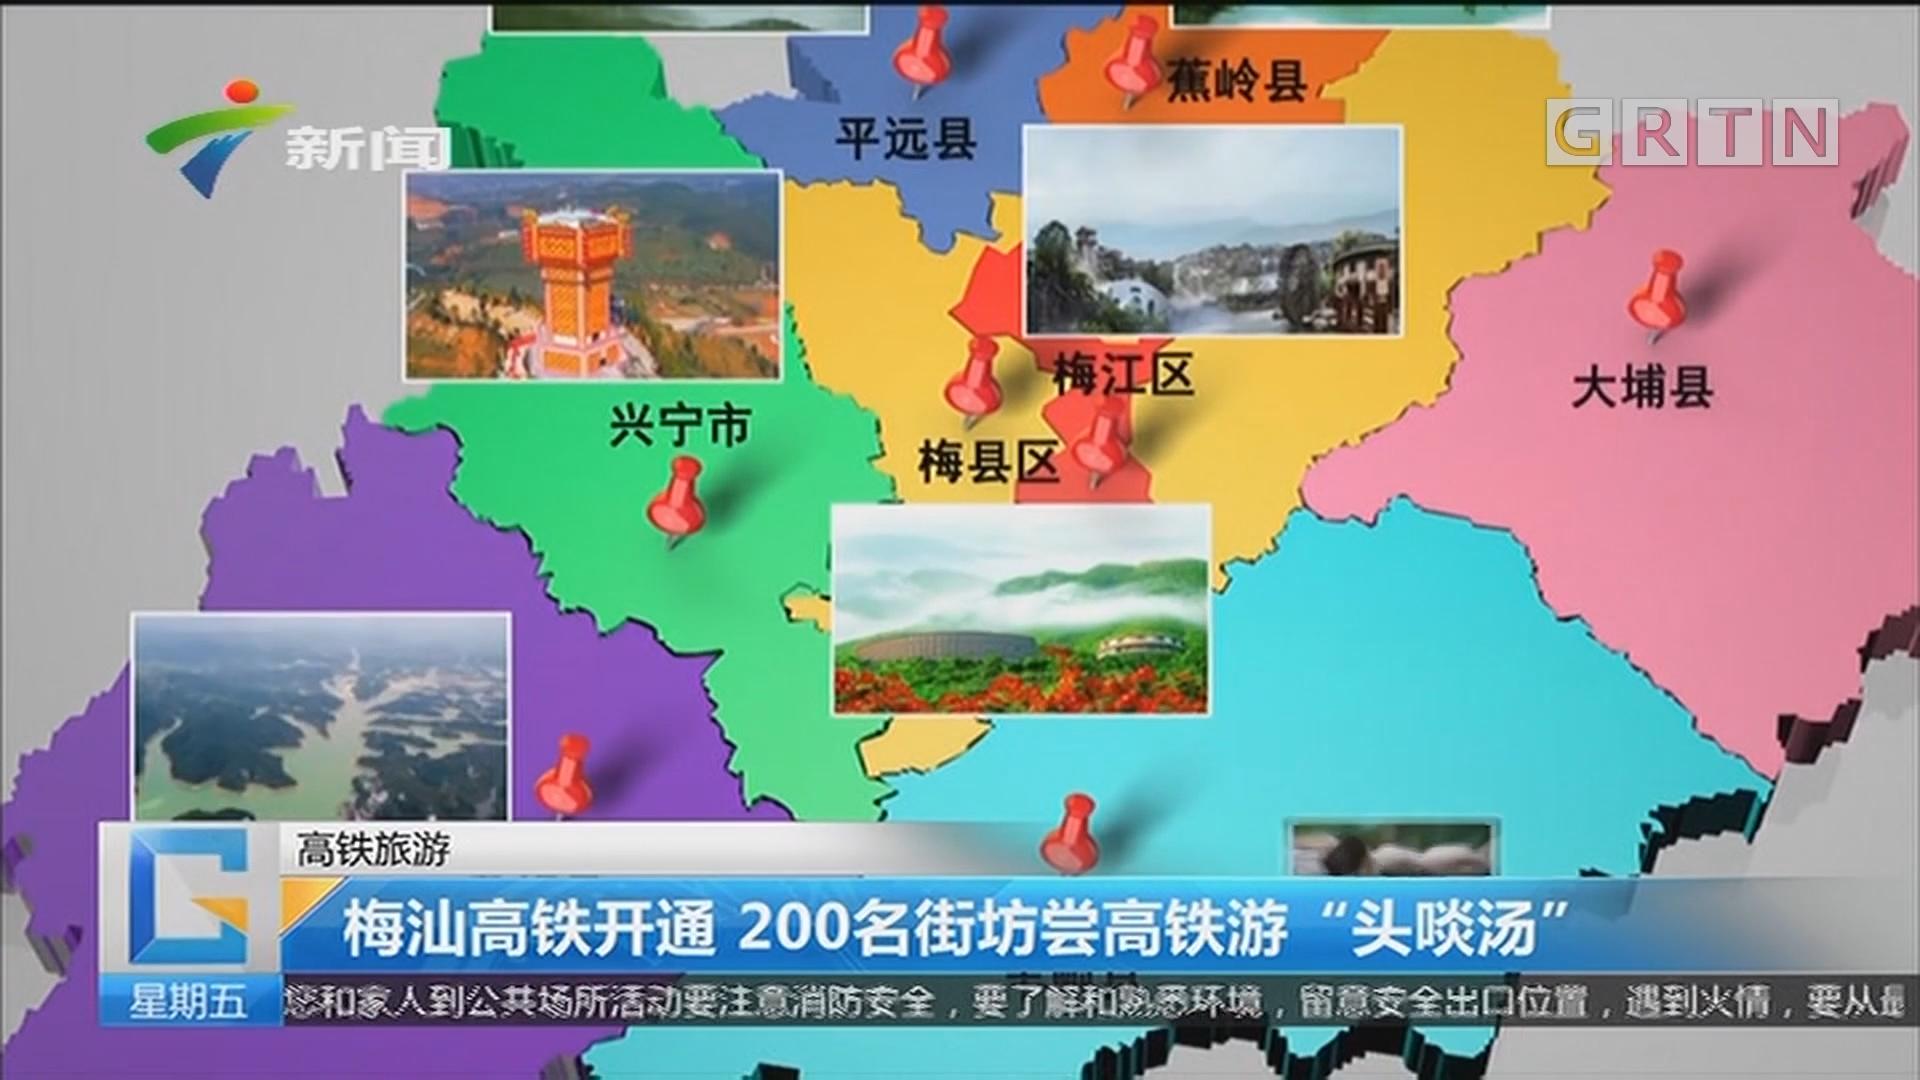 """高铁旅游:梅汕高铁开通 200名街坊尝高铁游""""头啖汤"""""""